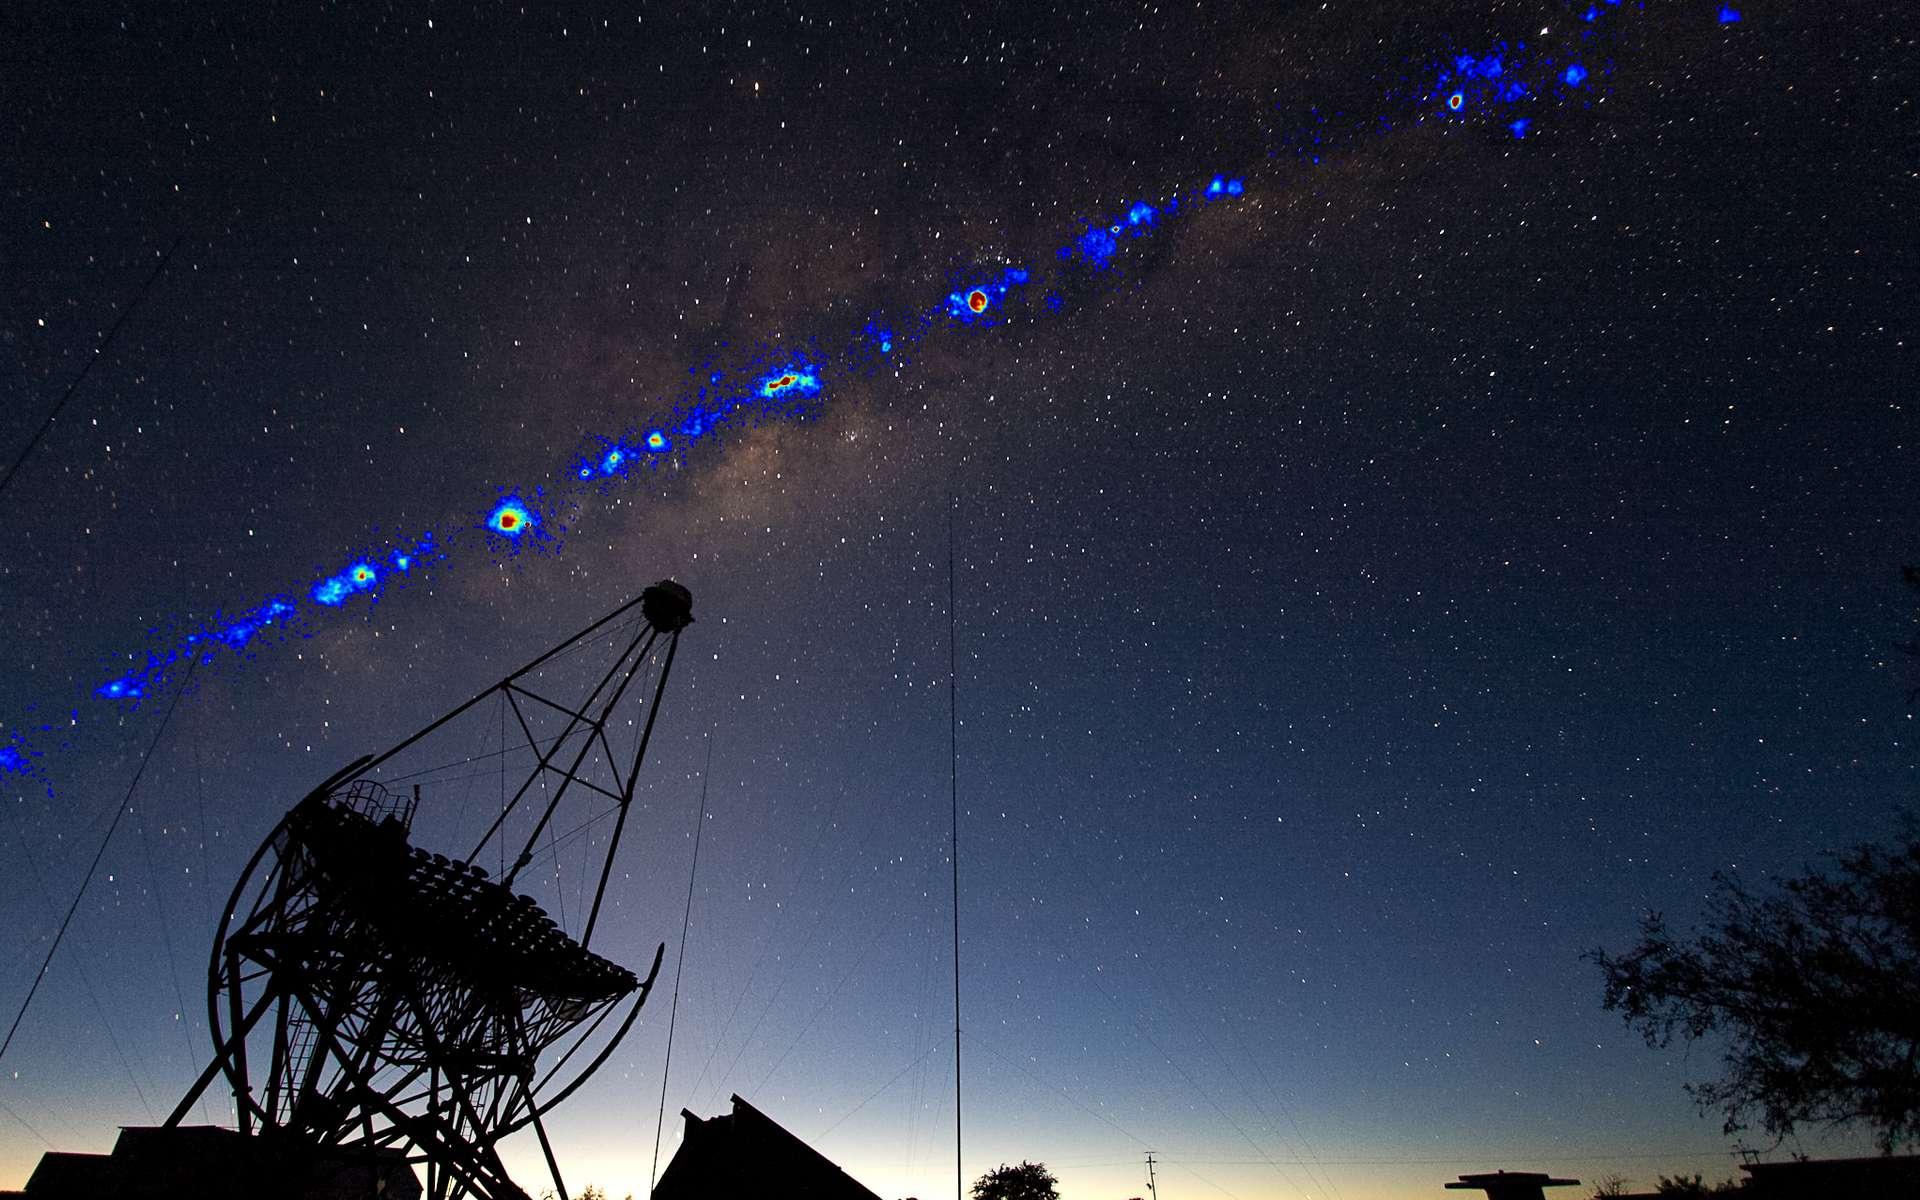 Vue du réseau de télescopes Hess en Namibie. L'acronyme Hess rappelle le nom du prix Nobel de physique de 1936, Victor Hess, qui a découvert les rayons cosmiques au début du XXe siècle (1912-1913). L'image est un montage d'une photographie de la Voie lactée prise de nuit en Namibie avec les sources de rayons gamma déduites du rayonnement Cherenkov observé par Hess. © Hess Collaboration, Fabio Acero et Henning Gast